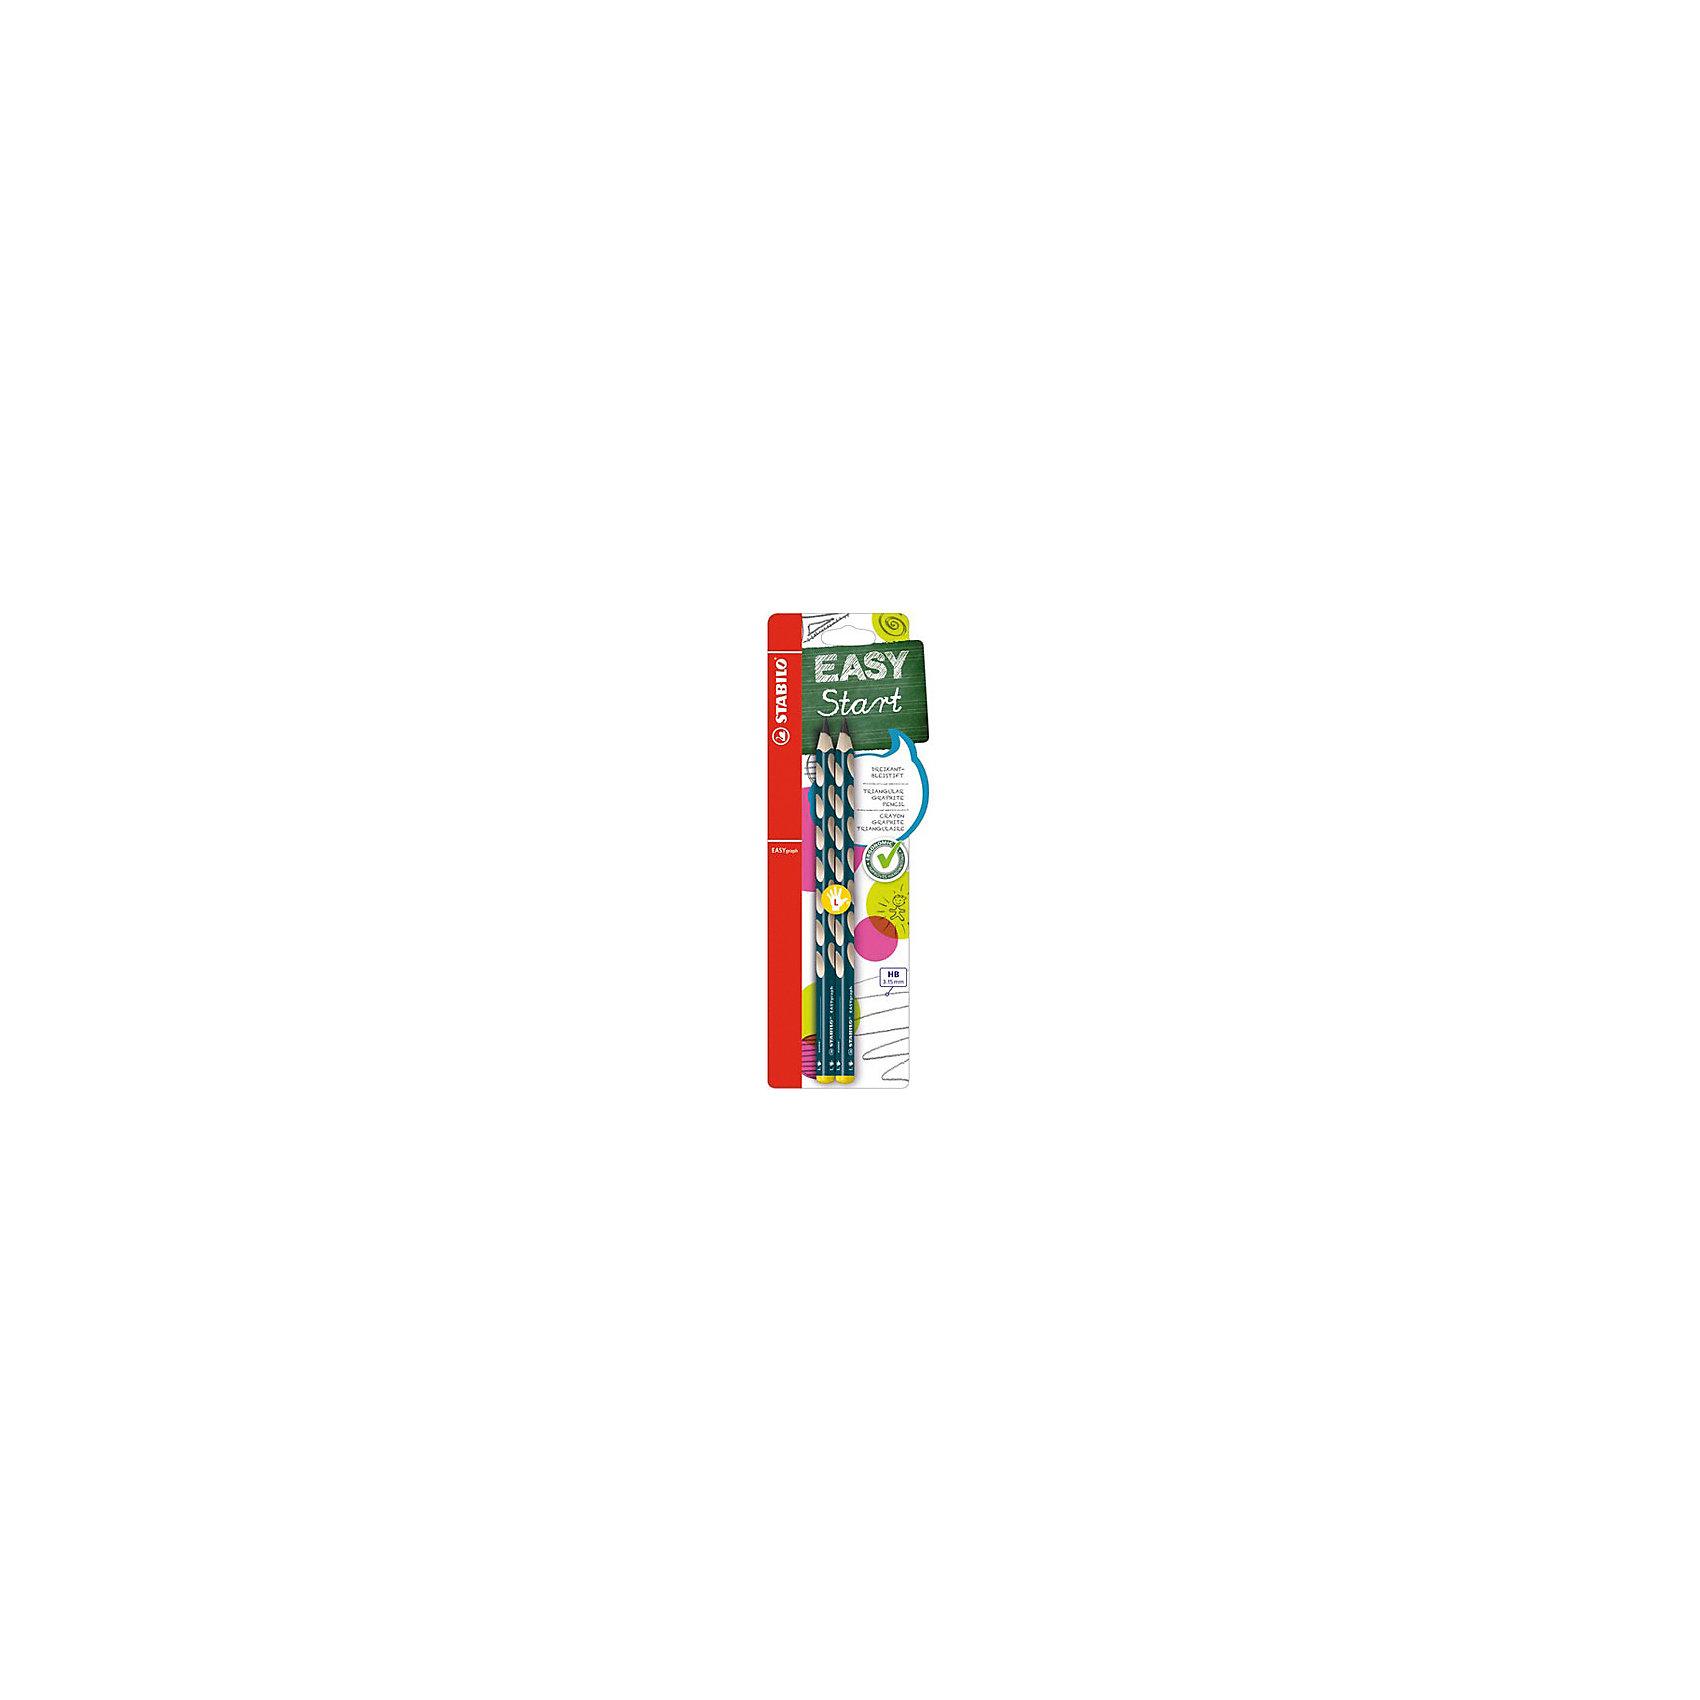 STABILO Easy graph Карандаш для левшей, ч/г 2 штПисьменные принадлежности<br>Чернографитный карандаш для левшей EASY GRAPH, 2 шт. от марки Stabilo<br><br>Этот карандаш из серии EASY GRAPH разработан специально для детей, осваивающих рисование и процесс письма. Он создан с учетом особенностей строения и развития руки ребенка. На деревянном карандаше сделаны специальные углубления, которые подсказывают детям правильное расположение пальцев на пишущем инструменте. <br>Даже после заточки карандашей они продолжают полноценно исполнять эту функцию. Форма этих предметов (трехгранник) позволяет карандашам удобно ложиться в детской руке и не вызывать усталости мышц. Предназначены для левшей, имеют повышенную стойкость к поломкам. В наборе - 2 карандаша.<br><br>Особенности данной модели:<br><br>твердость: НВ;<br>длина: 17,5 см;<br>цвет: чёрный;<br>материал: дерево;<br>комплектация: 2 шт.<br><br>Чернографитный карандаш для левшей EASY GRAPH, 2 шт. от марки Stabilo можно купить в нашем магазине.<br><br>Ширина мм: 80<br>Глубина мм: 10<br>Высота мм: 240<br>Вес г: 10<br>Возраст от месяцев: 60<br>Возраст до месяцев: 216<br>Пол: Унисекс<br>Возраст: Детский<br>SKU: 3157336